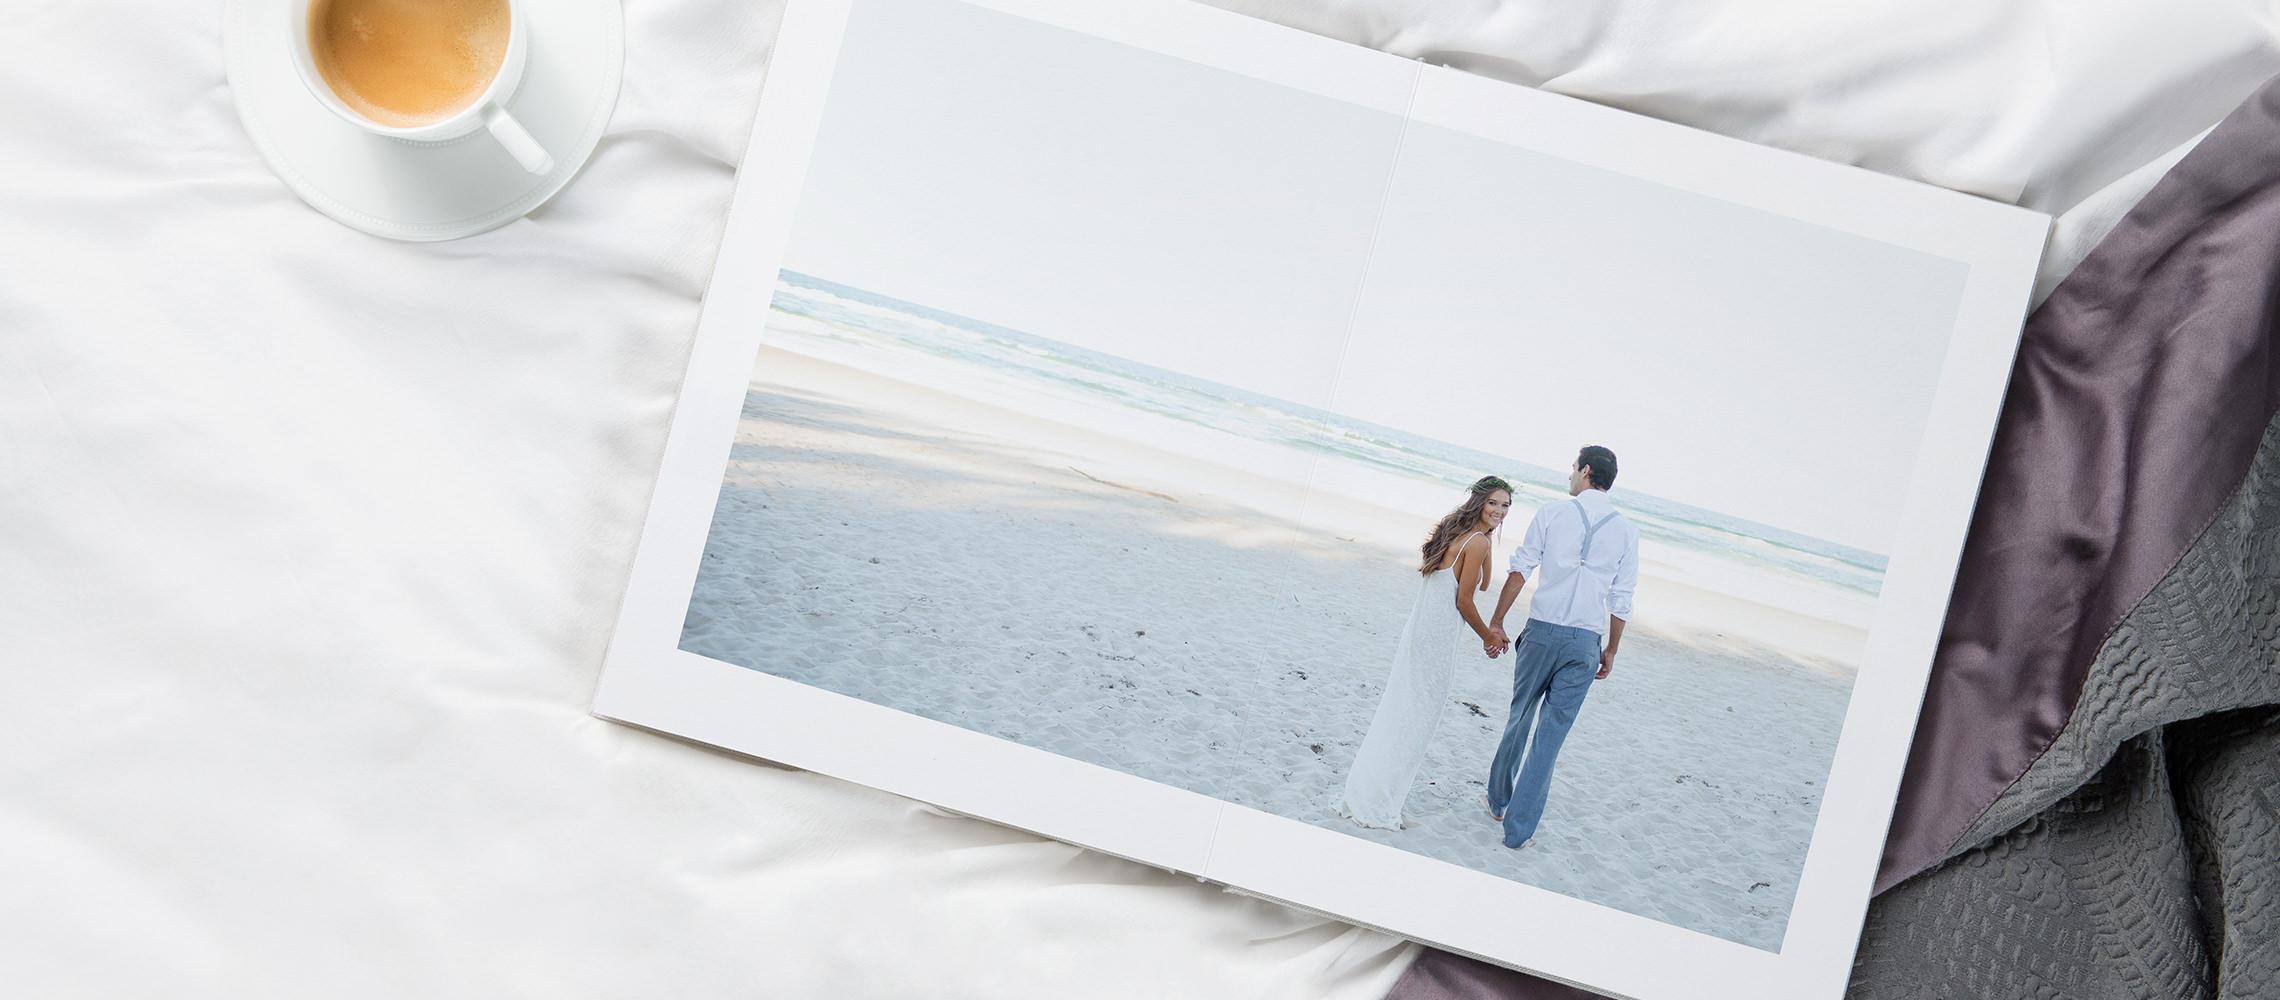 Interesting Wedding Photo Albums Wedding Photo Albums Wedding Photo Books Milk Books Wedding Photo Books Examples Wedding Photo Books Nz wedding photo Wedding Photo Books